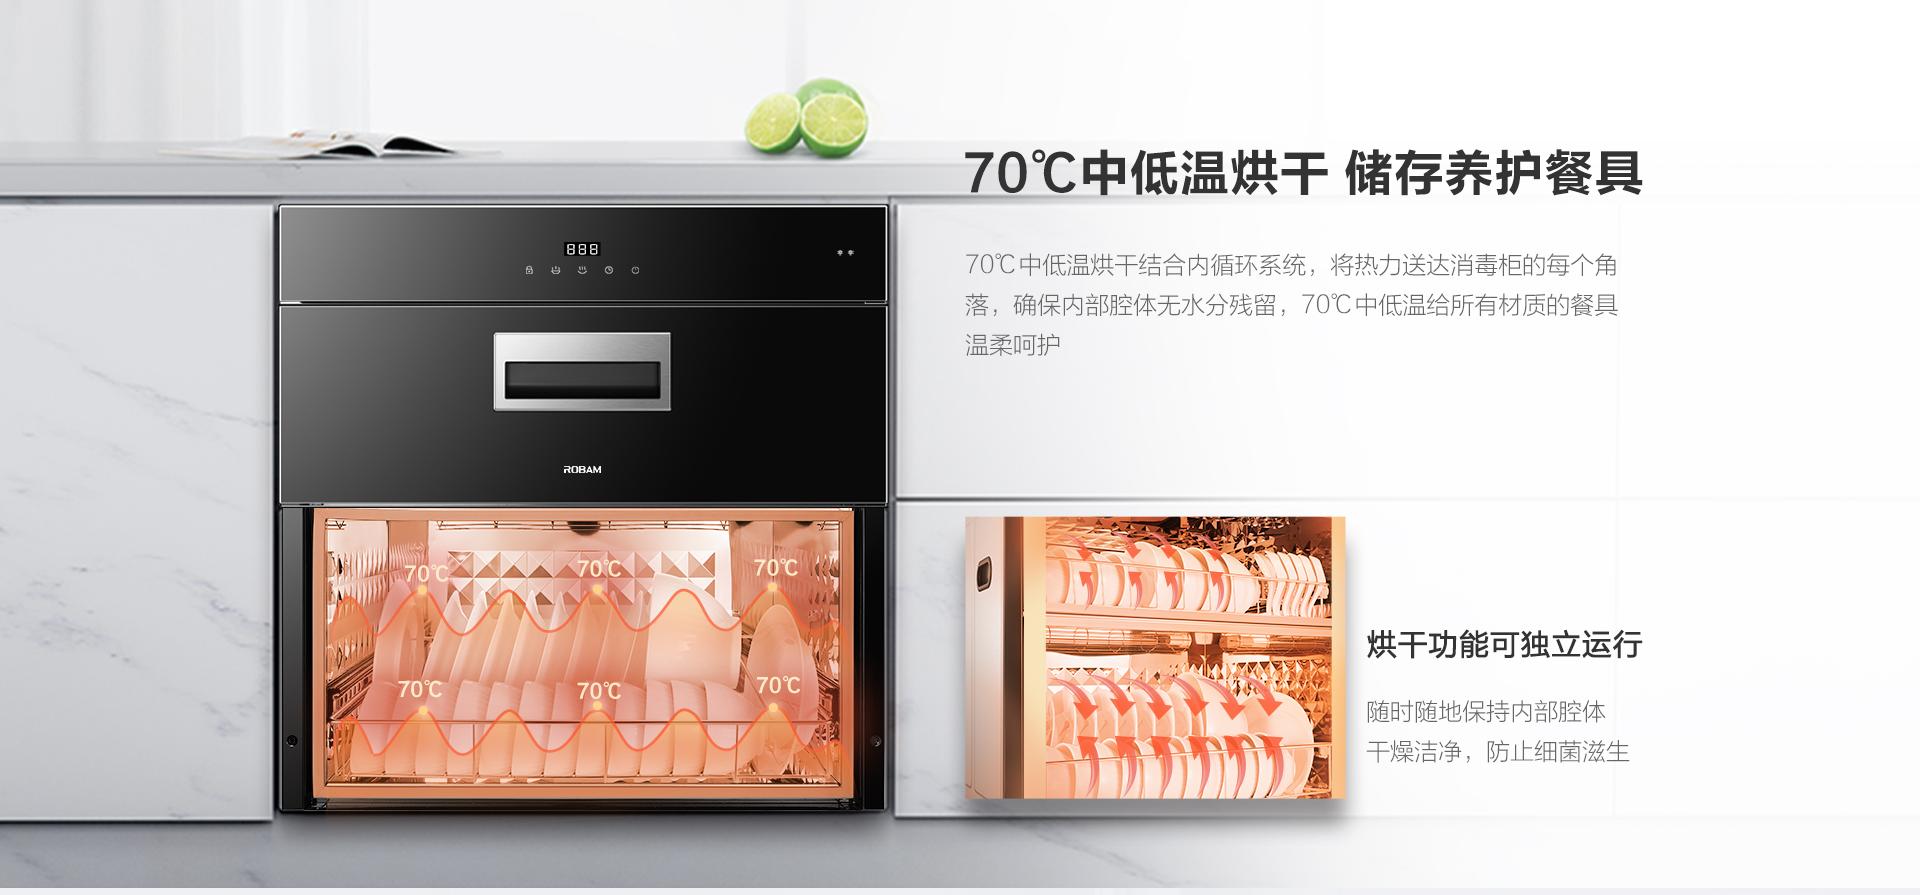 XB603消毒柜-官网上新-PC端_05.png